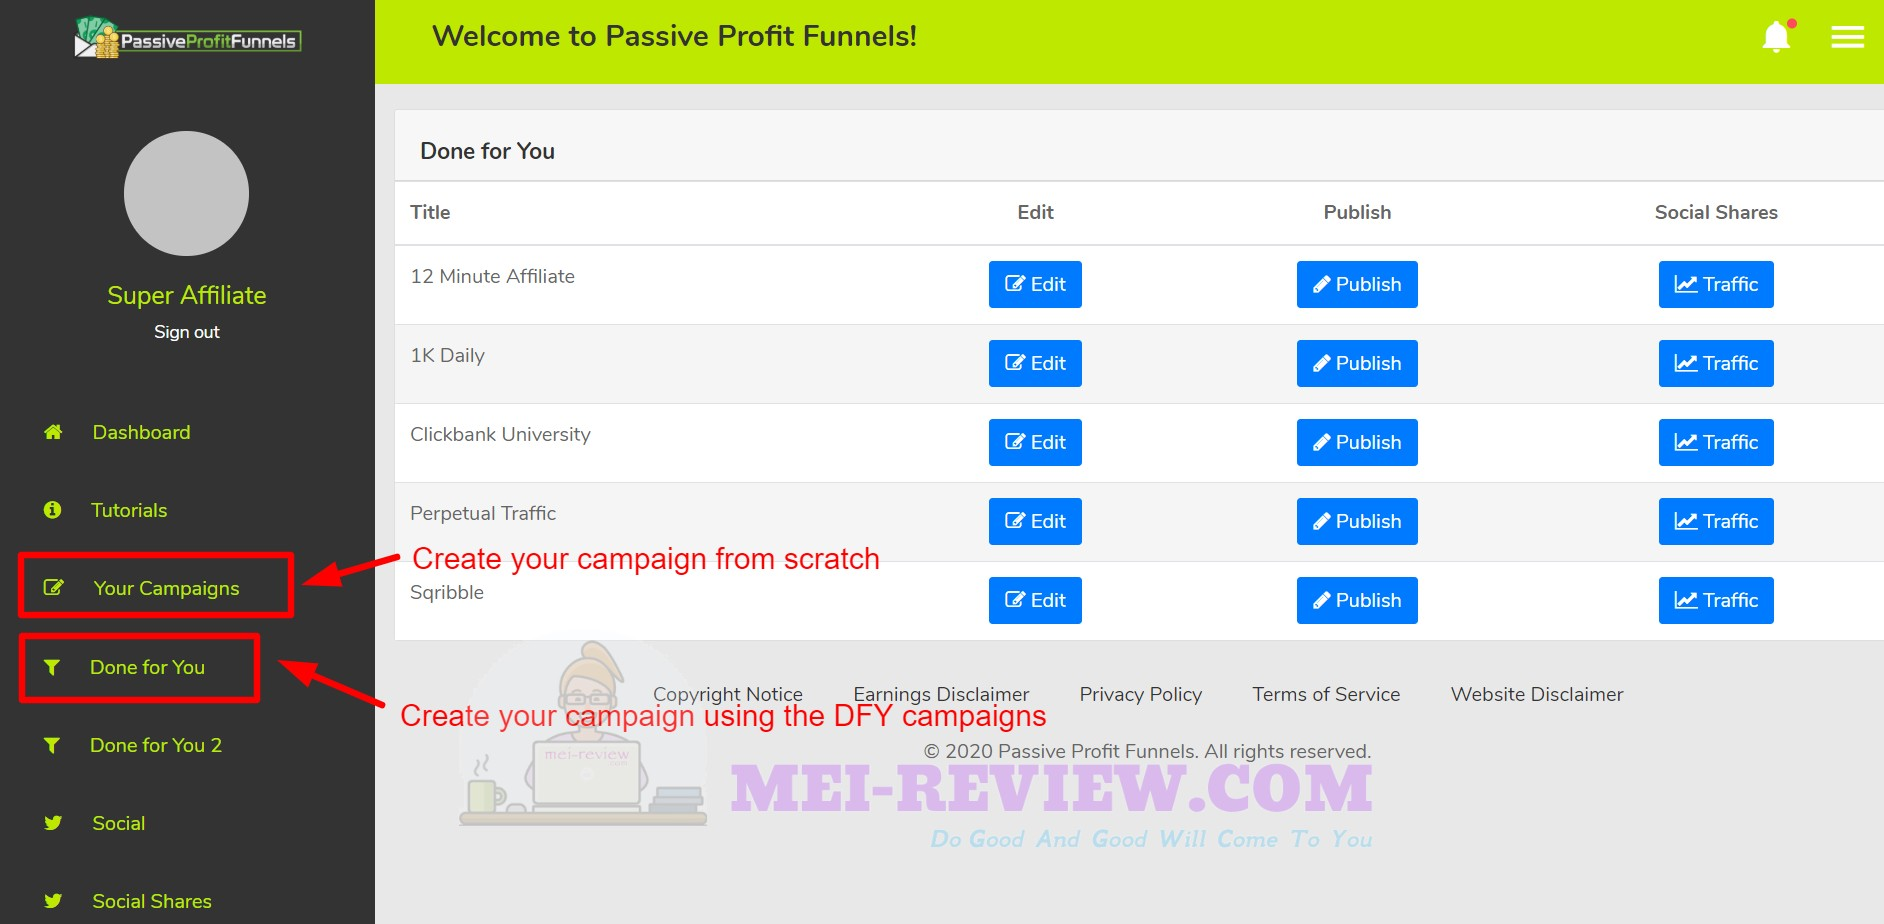 Passive-Profit-Funnels-Demo-2